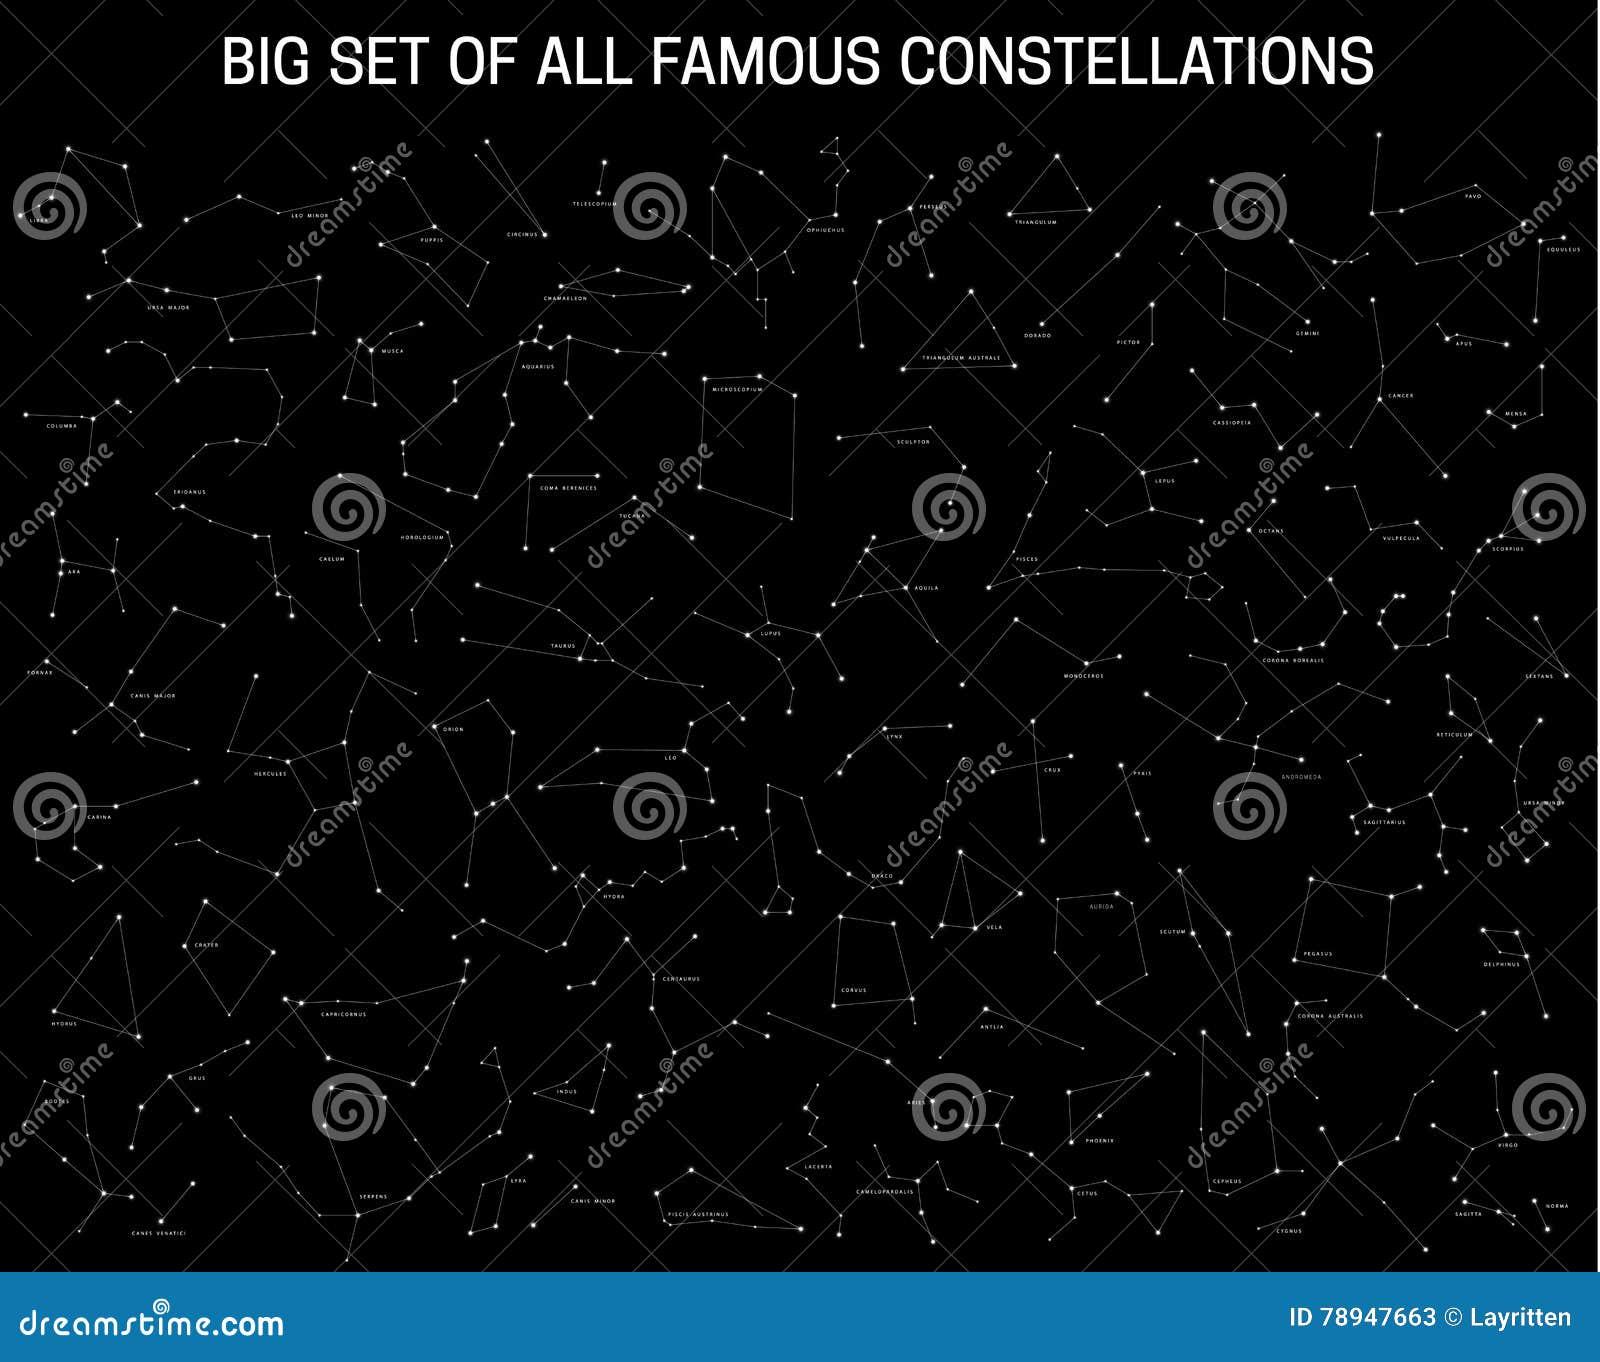 Grande insieme di tutte le costellazioni famose, segni astronomici moderni dello zodiaco